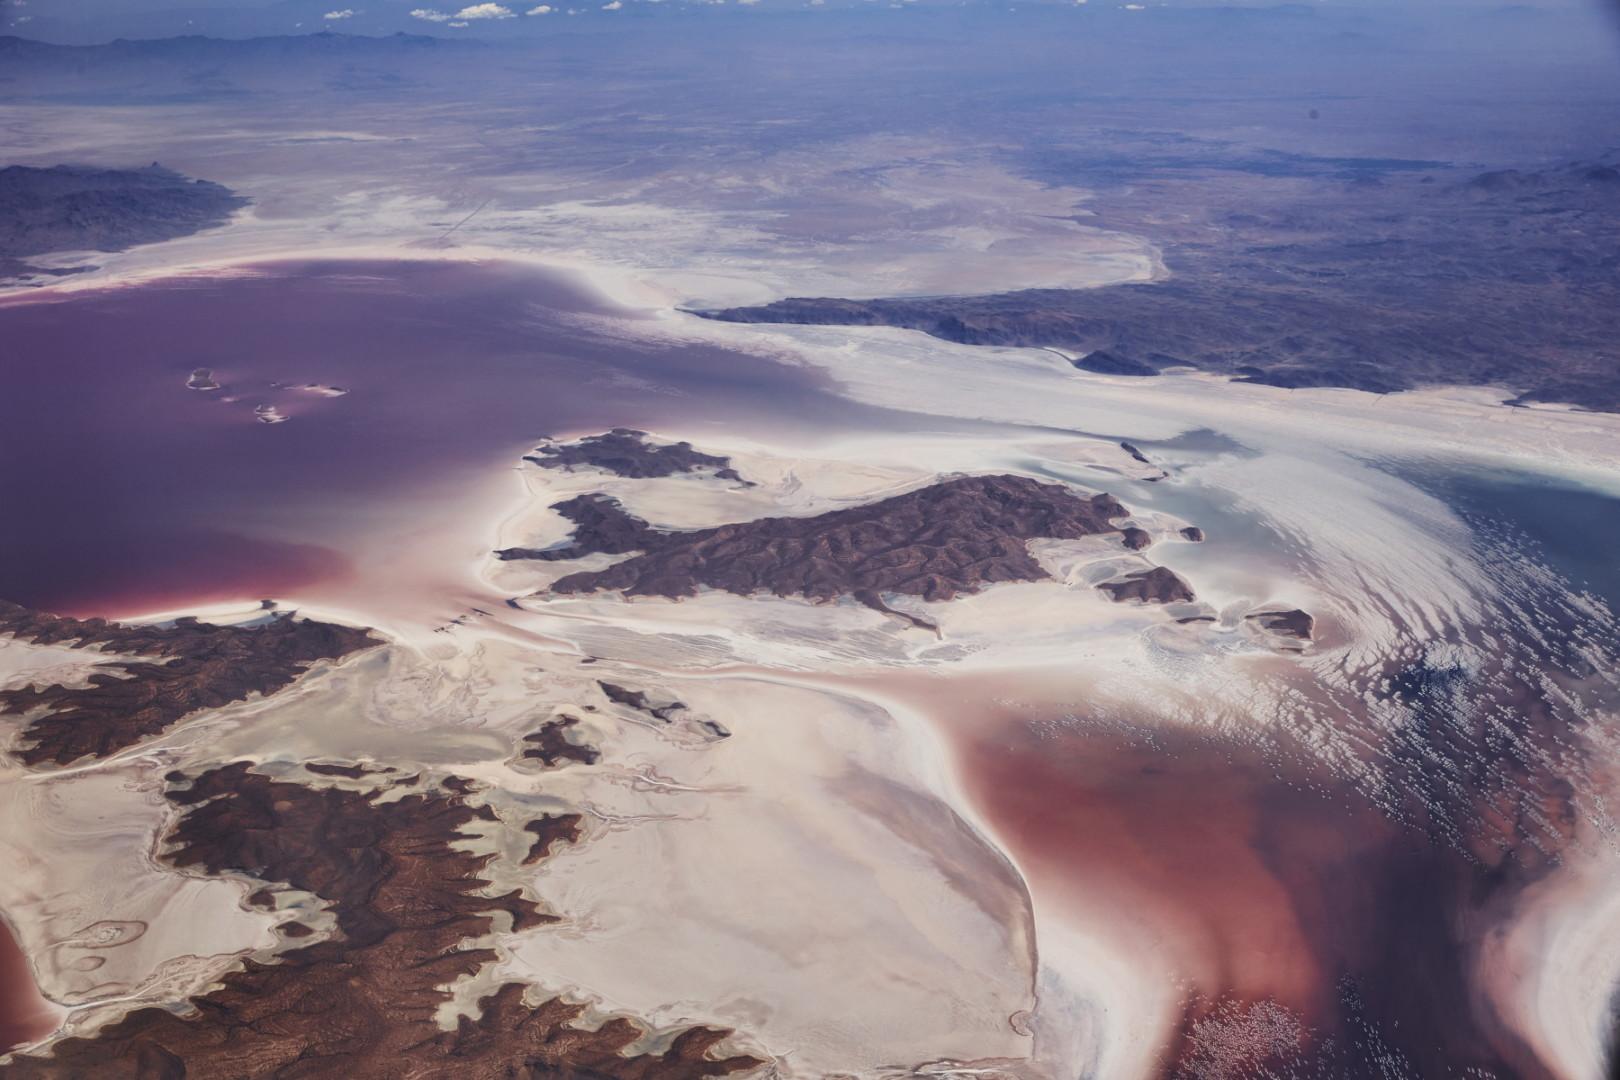 Wasserwirtschaft Iran: Luftaufnahme des Urmia Sees